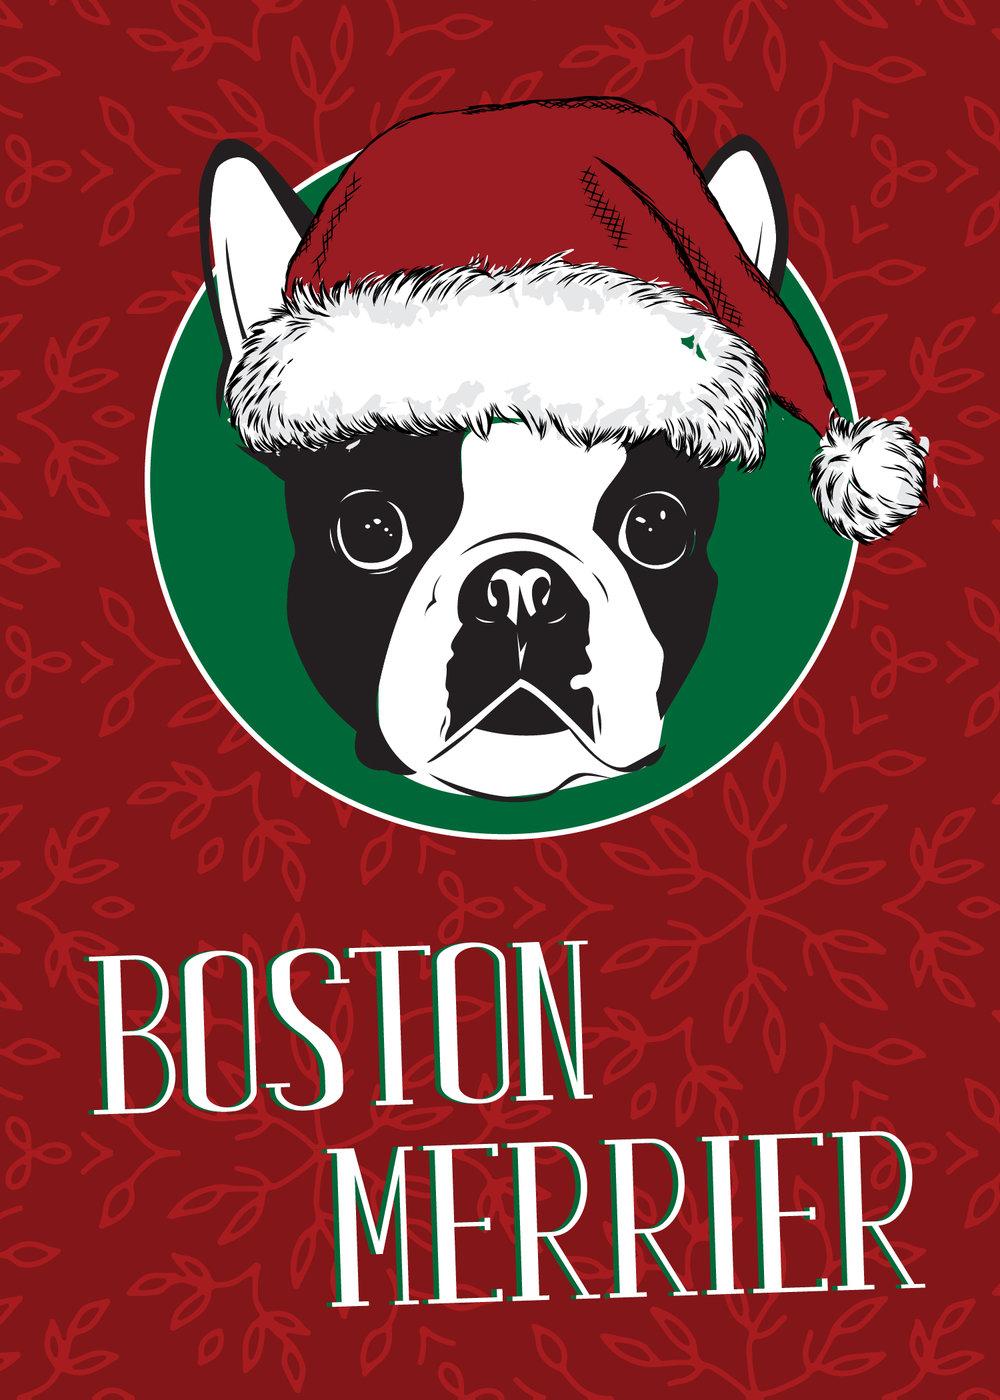 BostonMerrier.jpg